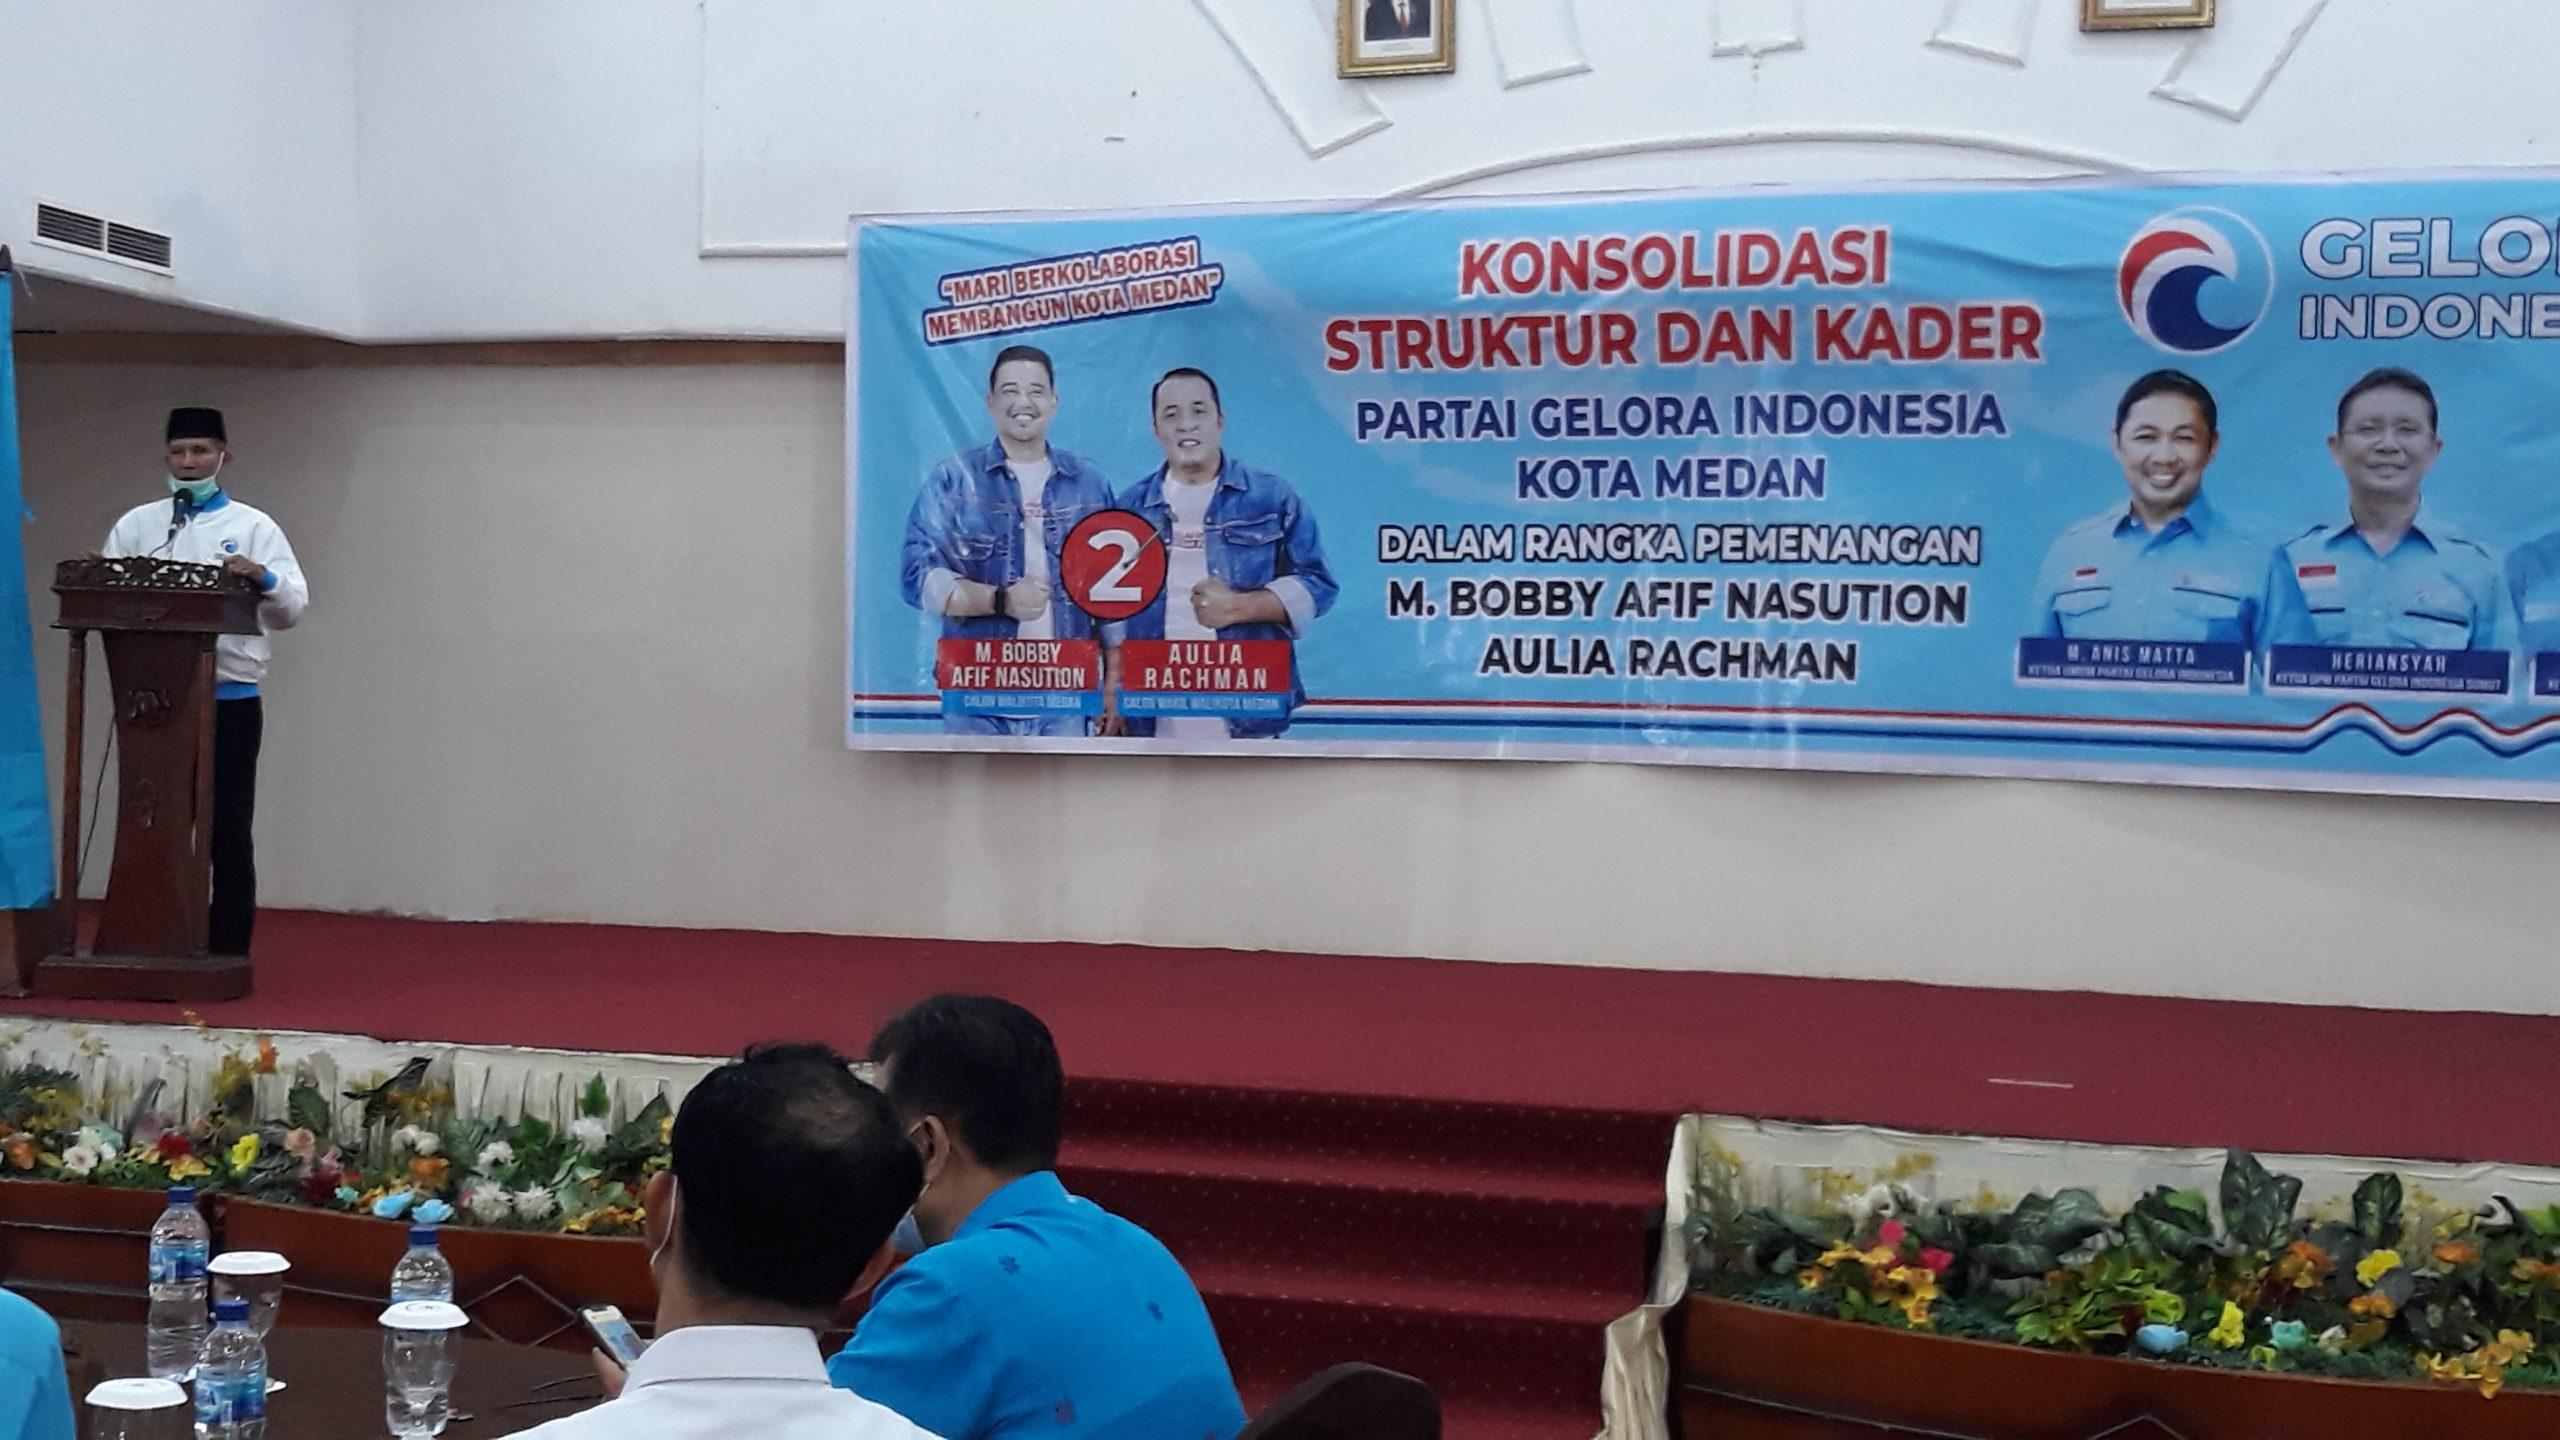 Muhammad Nasir : Kehadiran Ketum Partai Gelora Indonesia di Kota Medan Membangkitkan Semangat Seluruh Kader